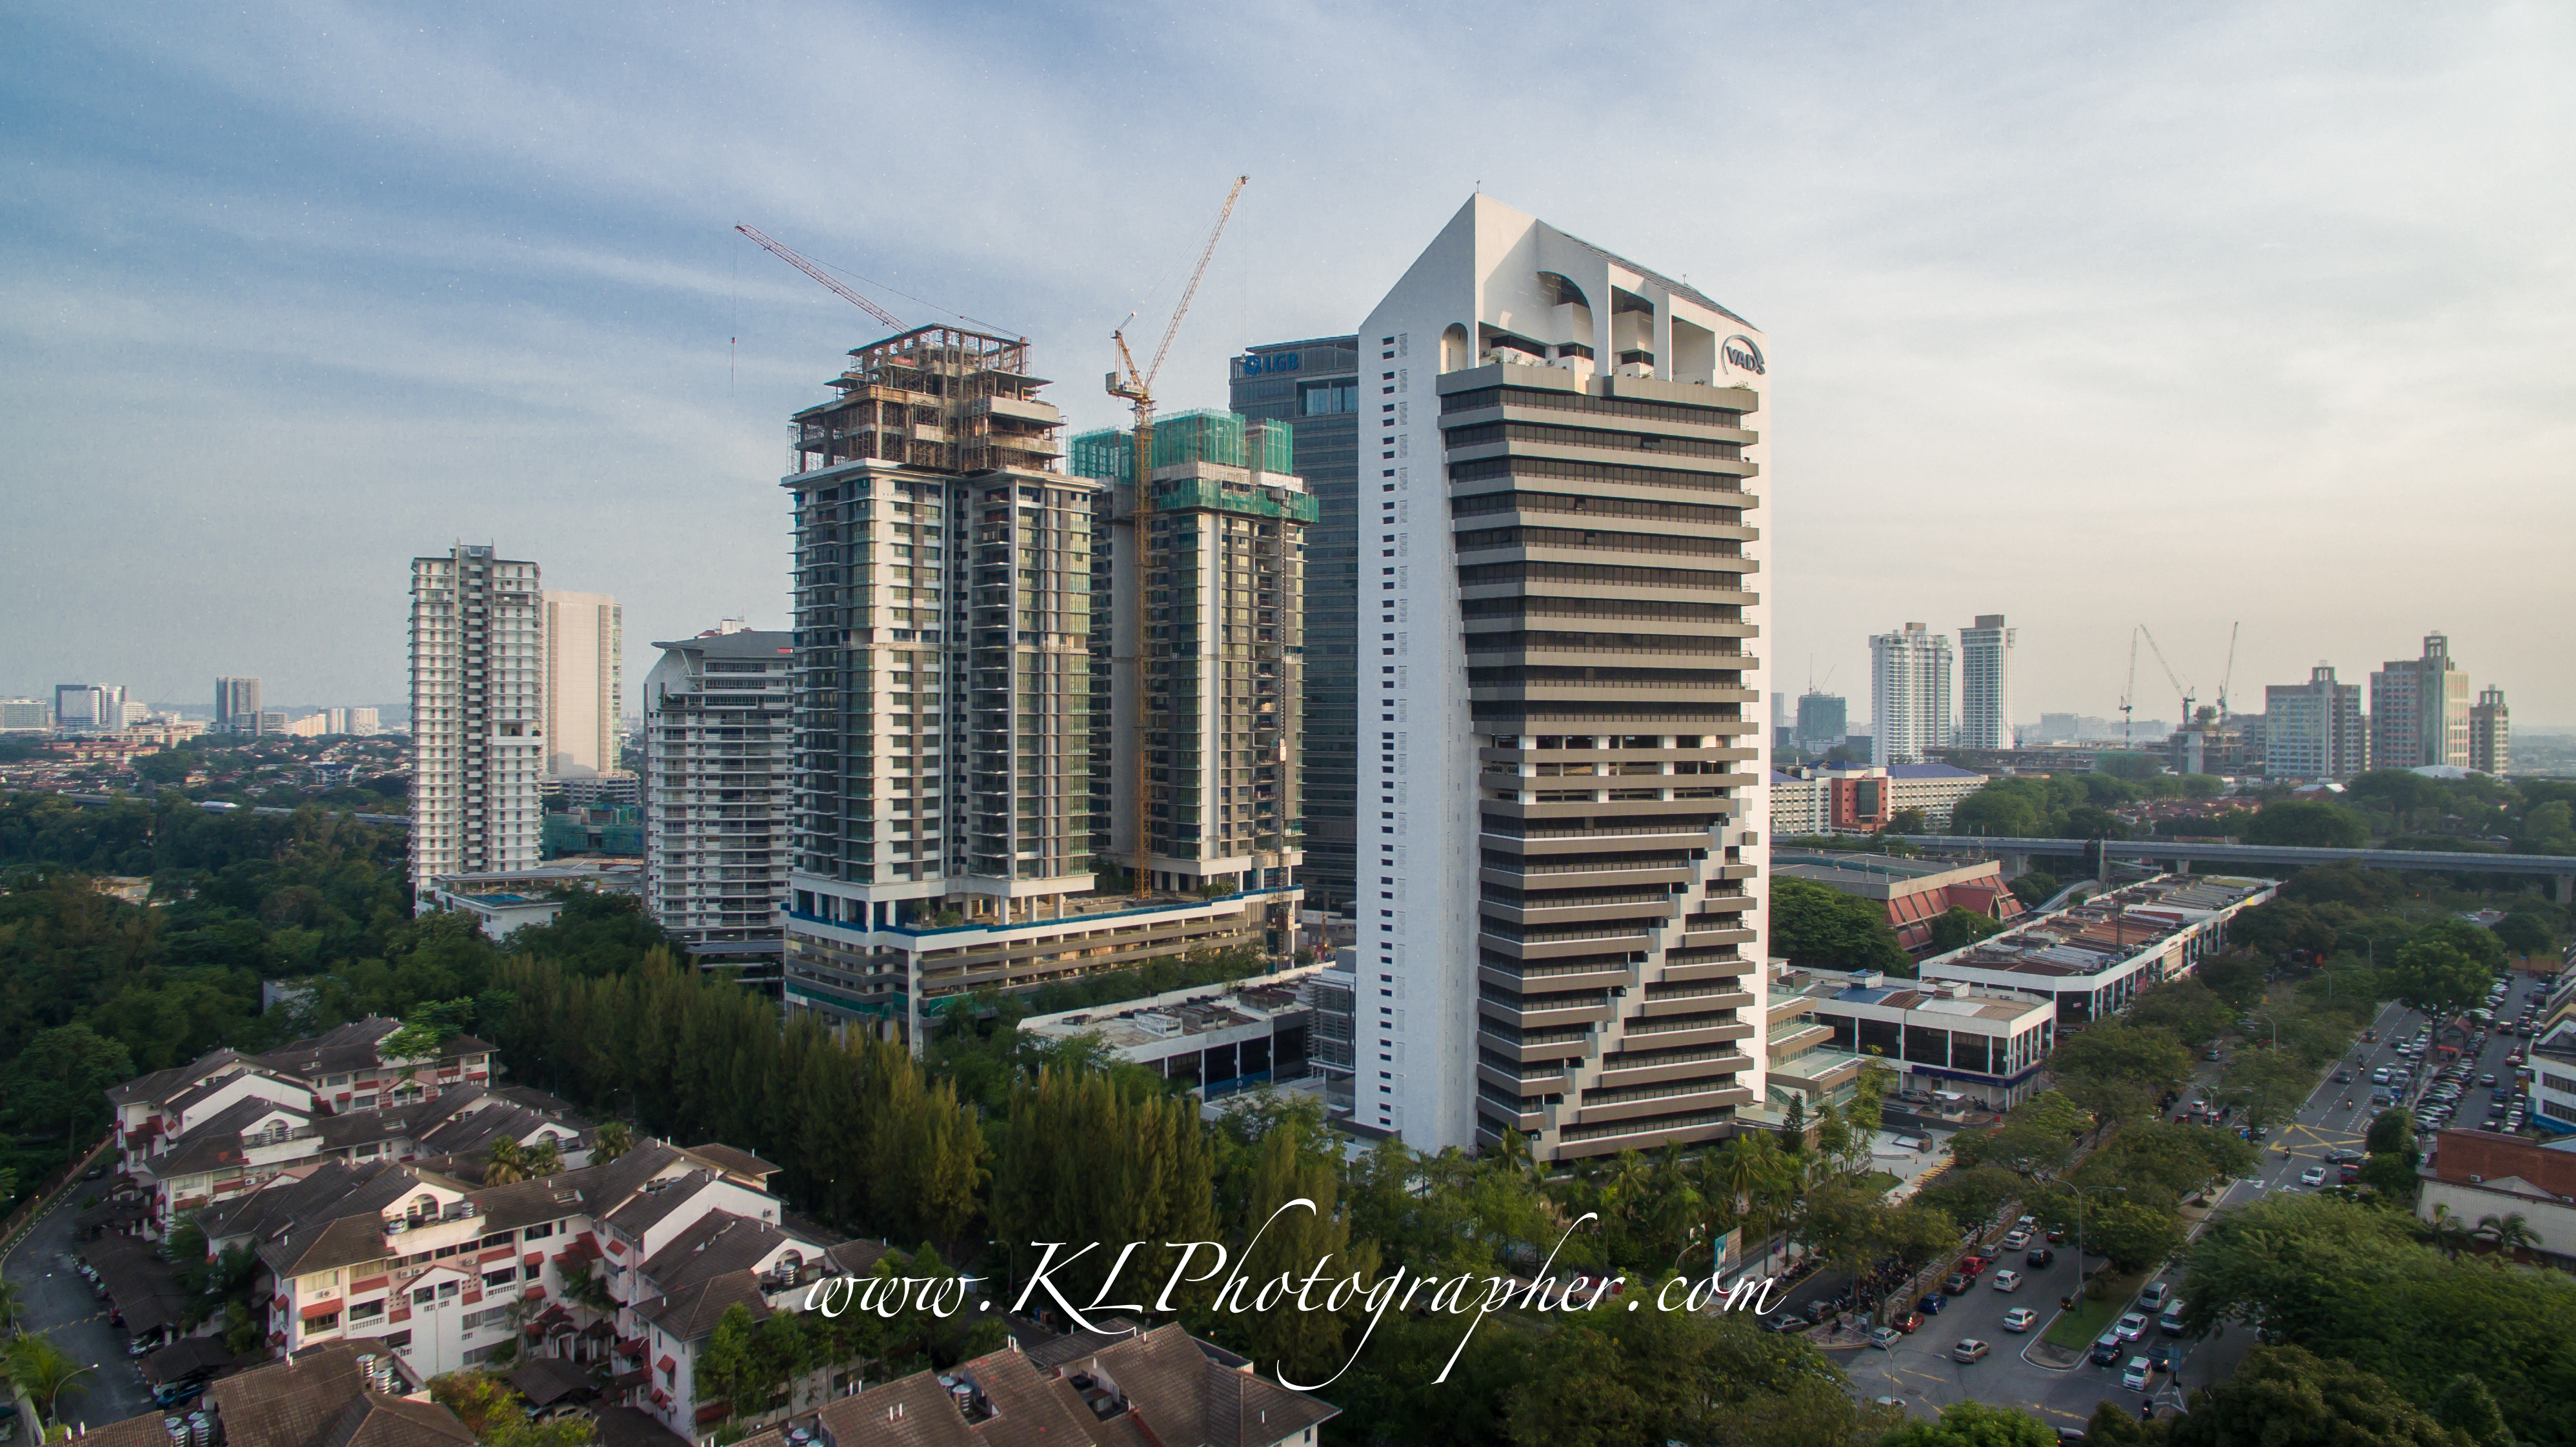 Aerial Photo Malaysia - TTDI